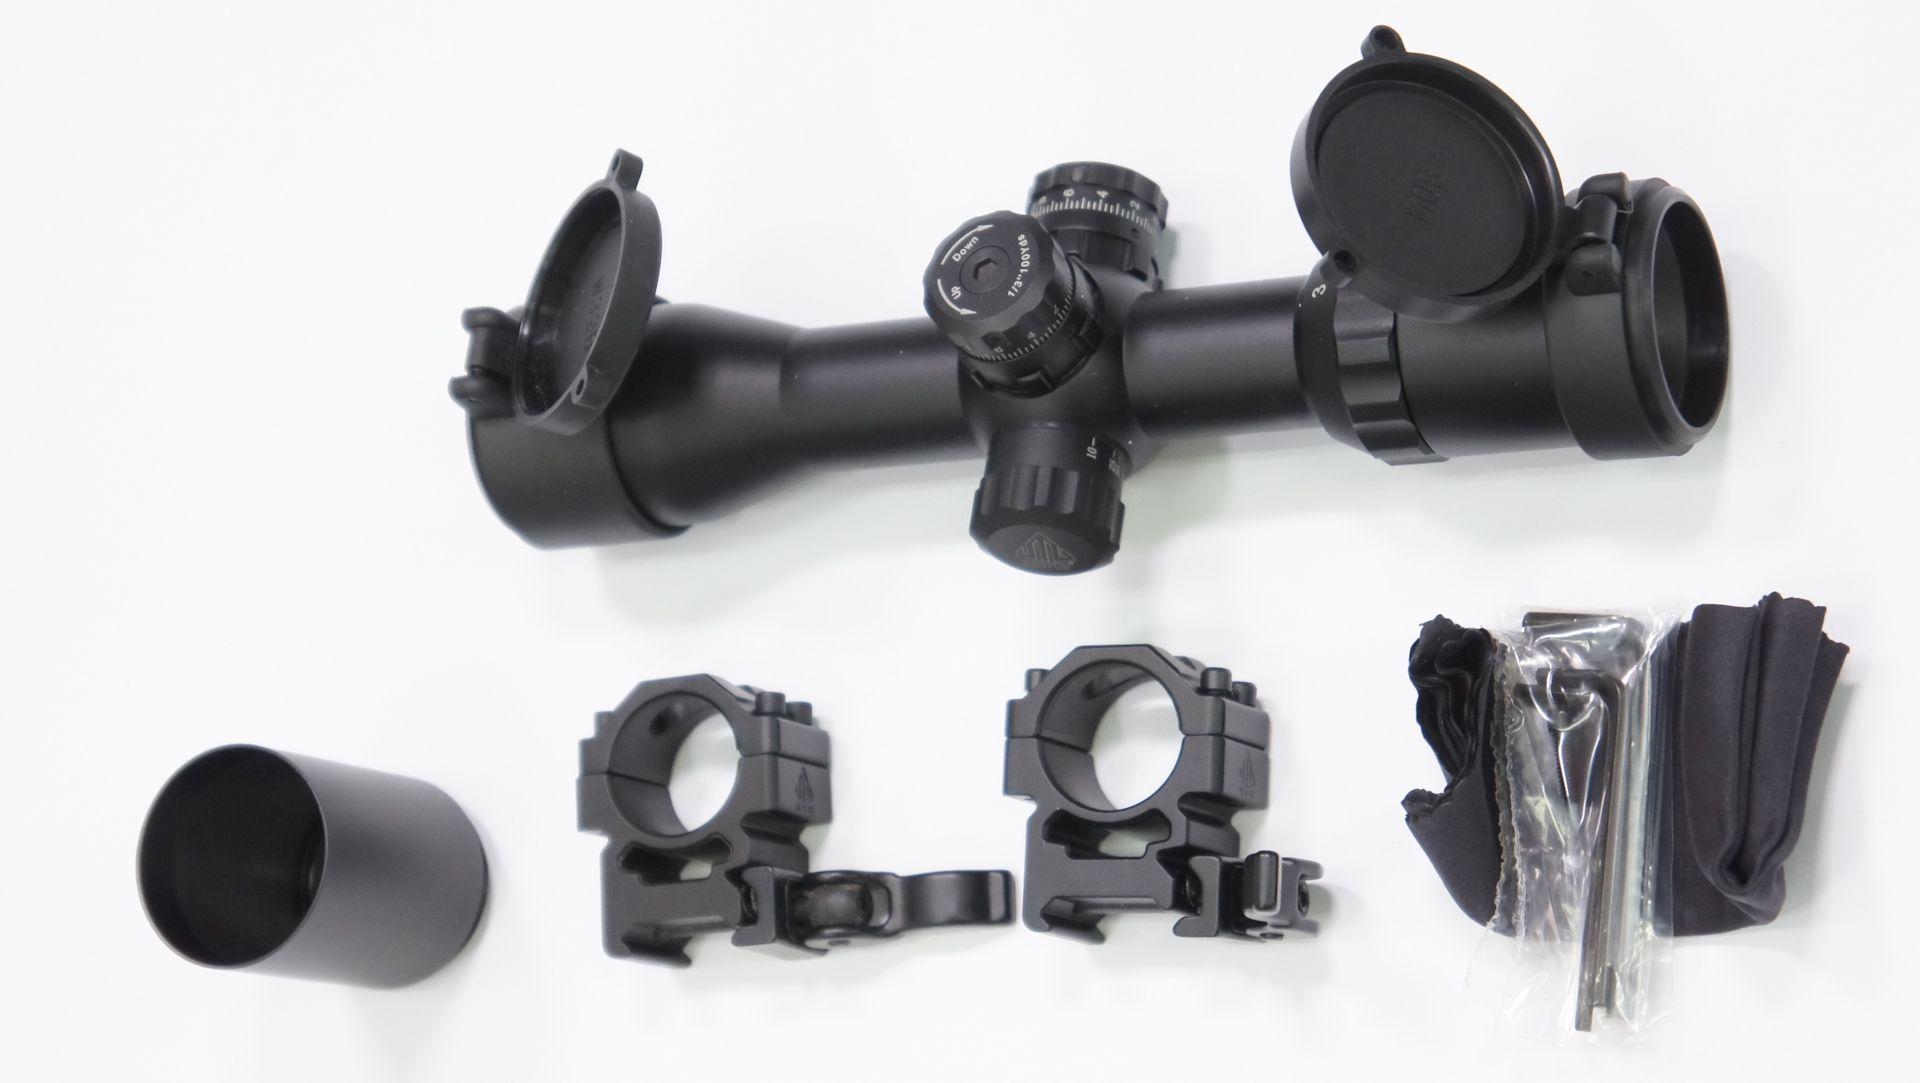 UTG compact 3-12x32 mit Montagefüßen 21mm hat einen Umfangreichen Lieferumfang, wie hier abgebildet.